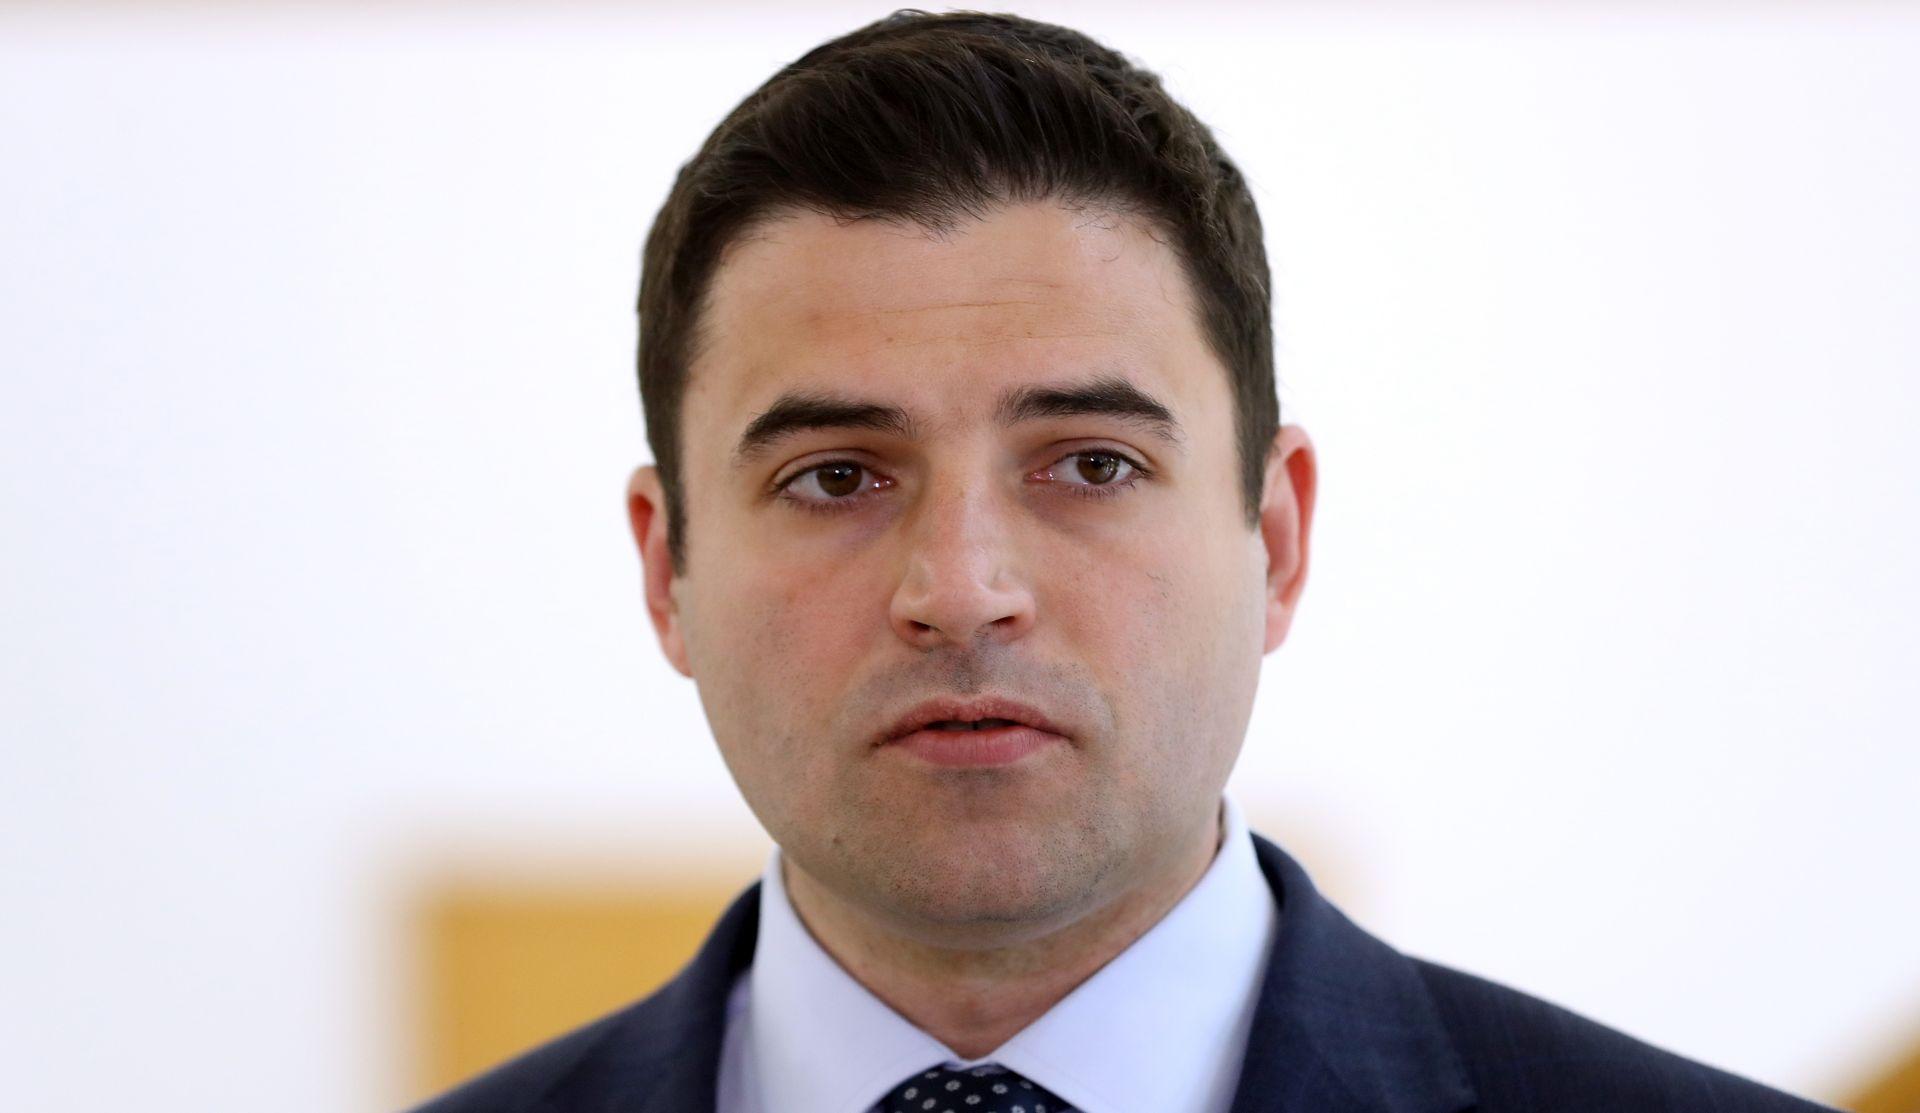 BERNARDIĆ Nema koalicije s HDZ-om, samo izbori mogu okončati agoniju